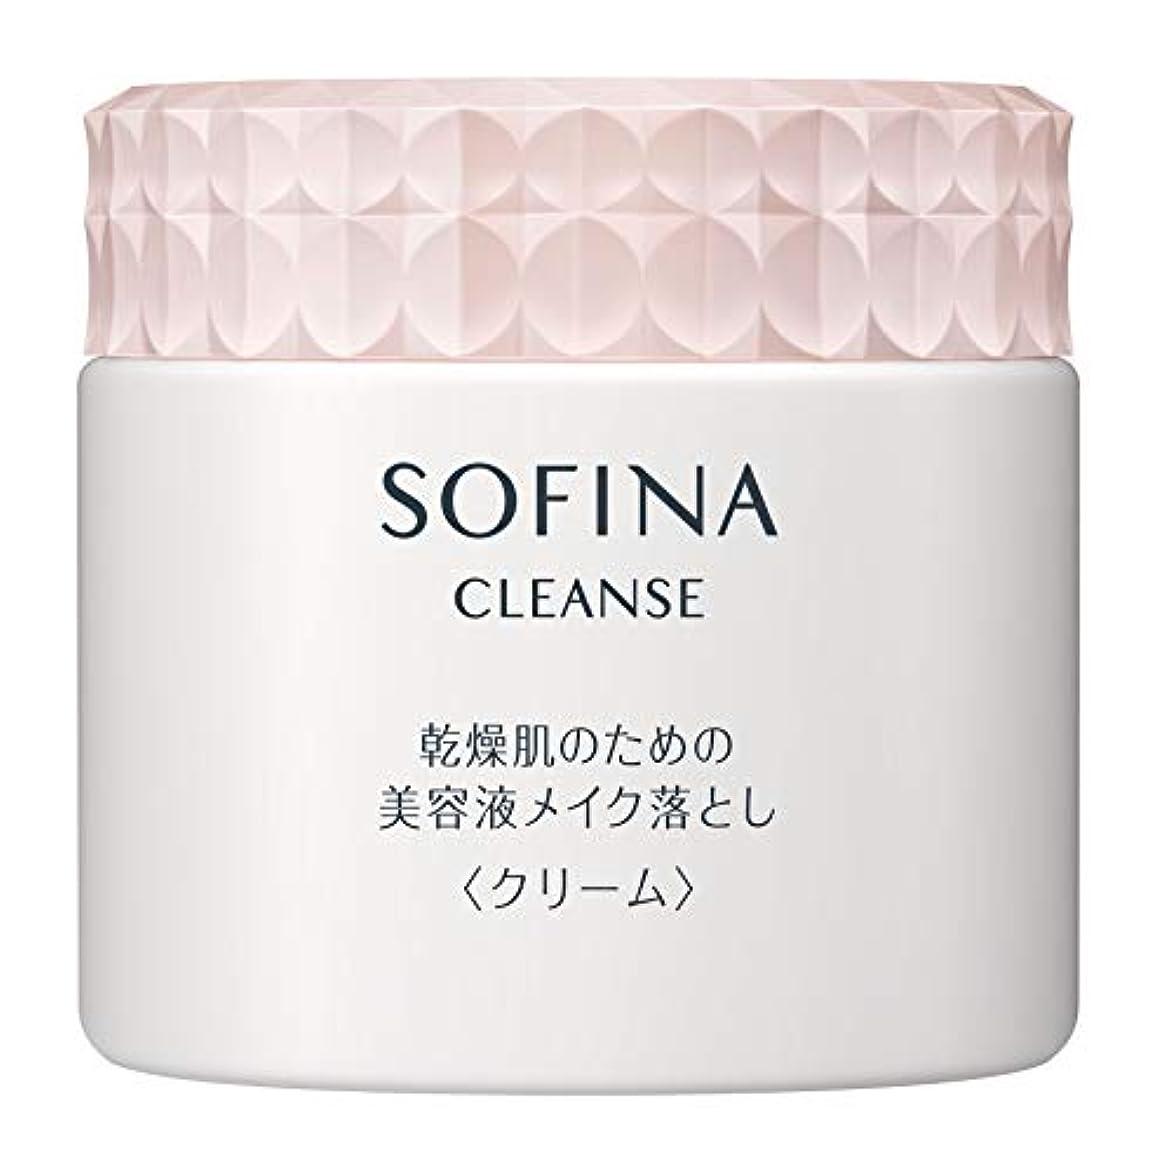 まとめる交換ミュウミュウソフィーナ 乾燥肌のための美容液メイク落とし クリーム 200g